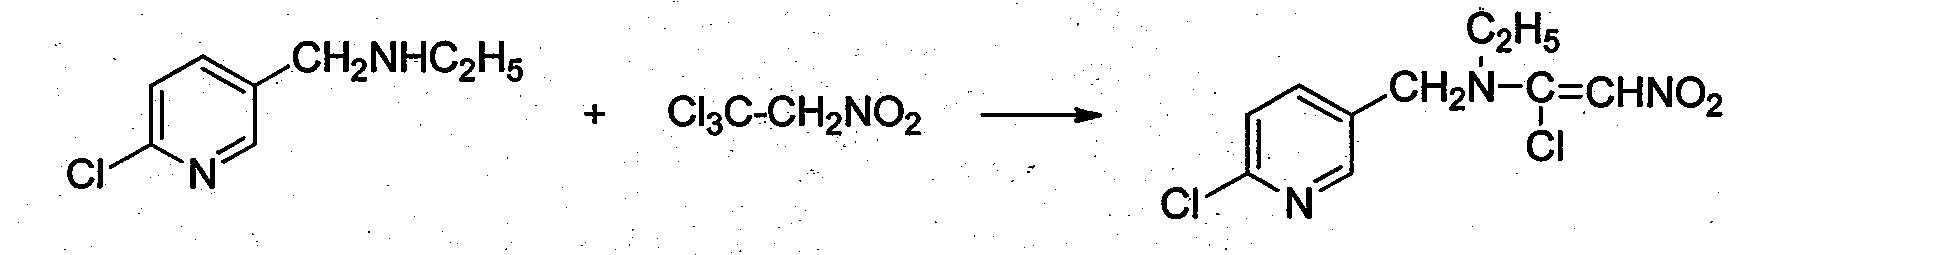 Figure CN102816112BC00024